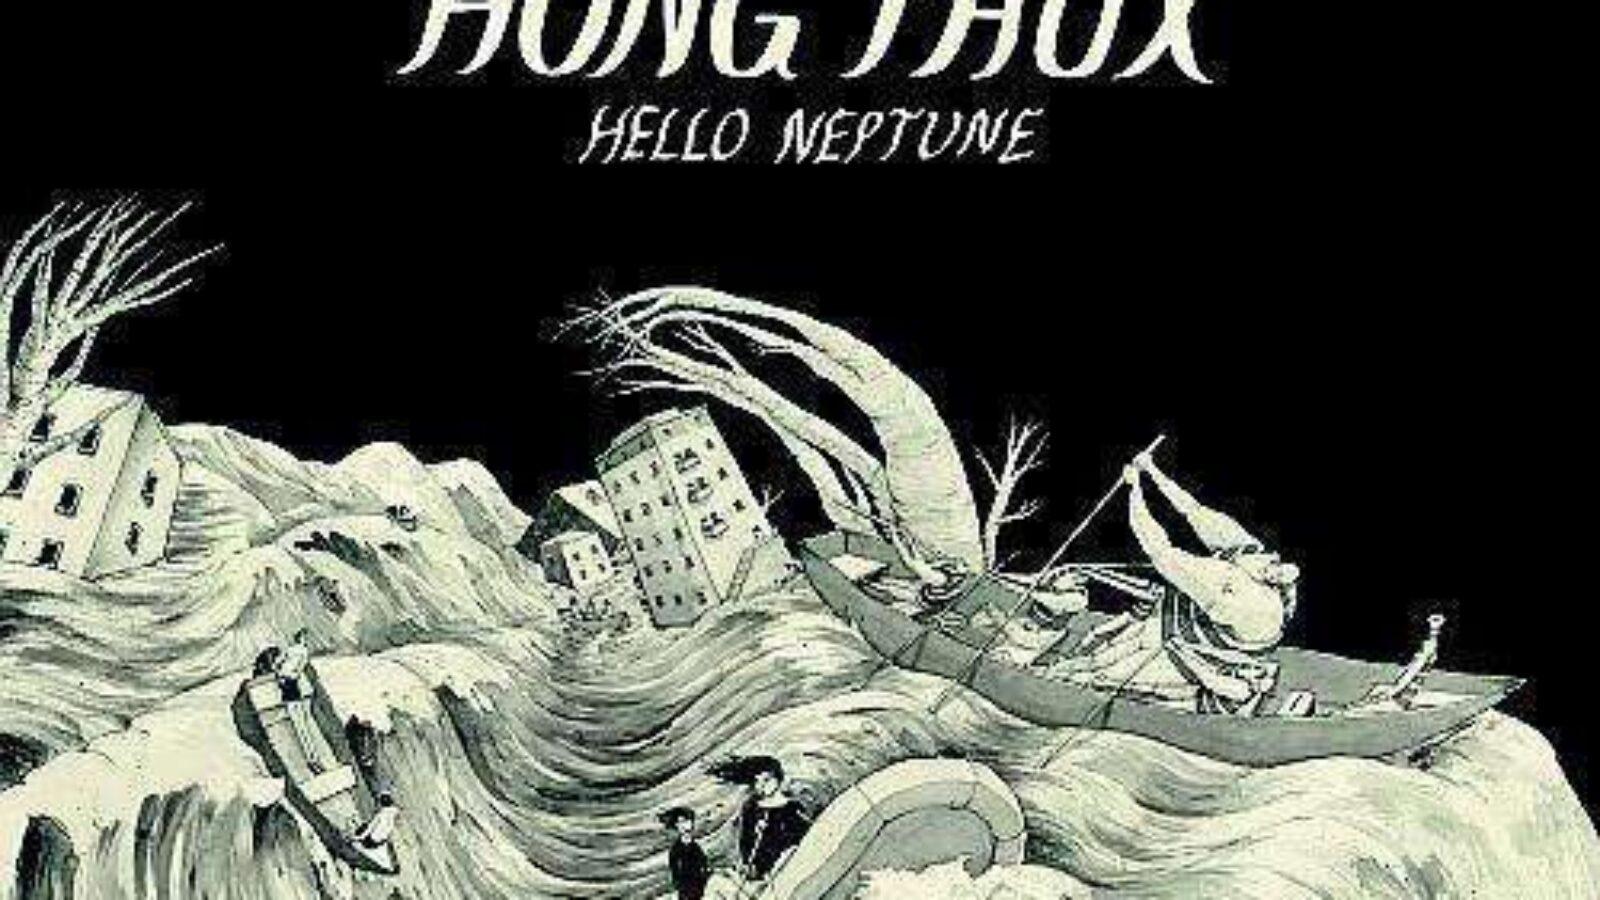 HONG FAUX – Hello Neptune